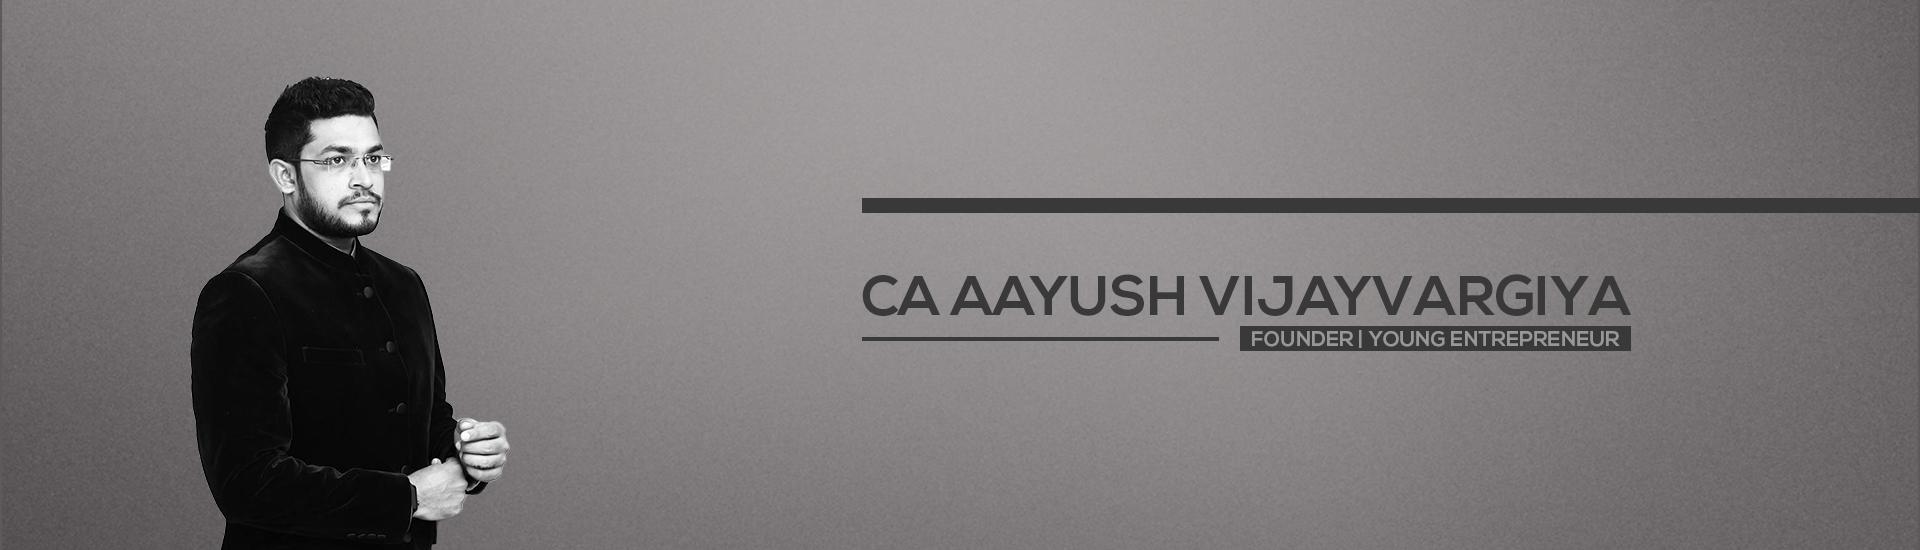 Aayush_Vijayvargiya